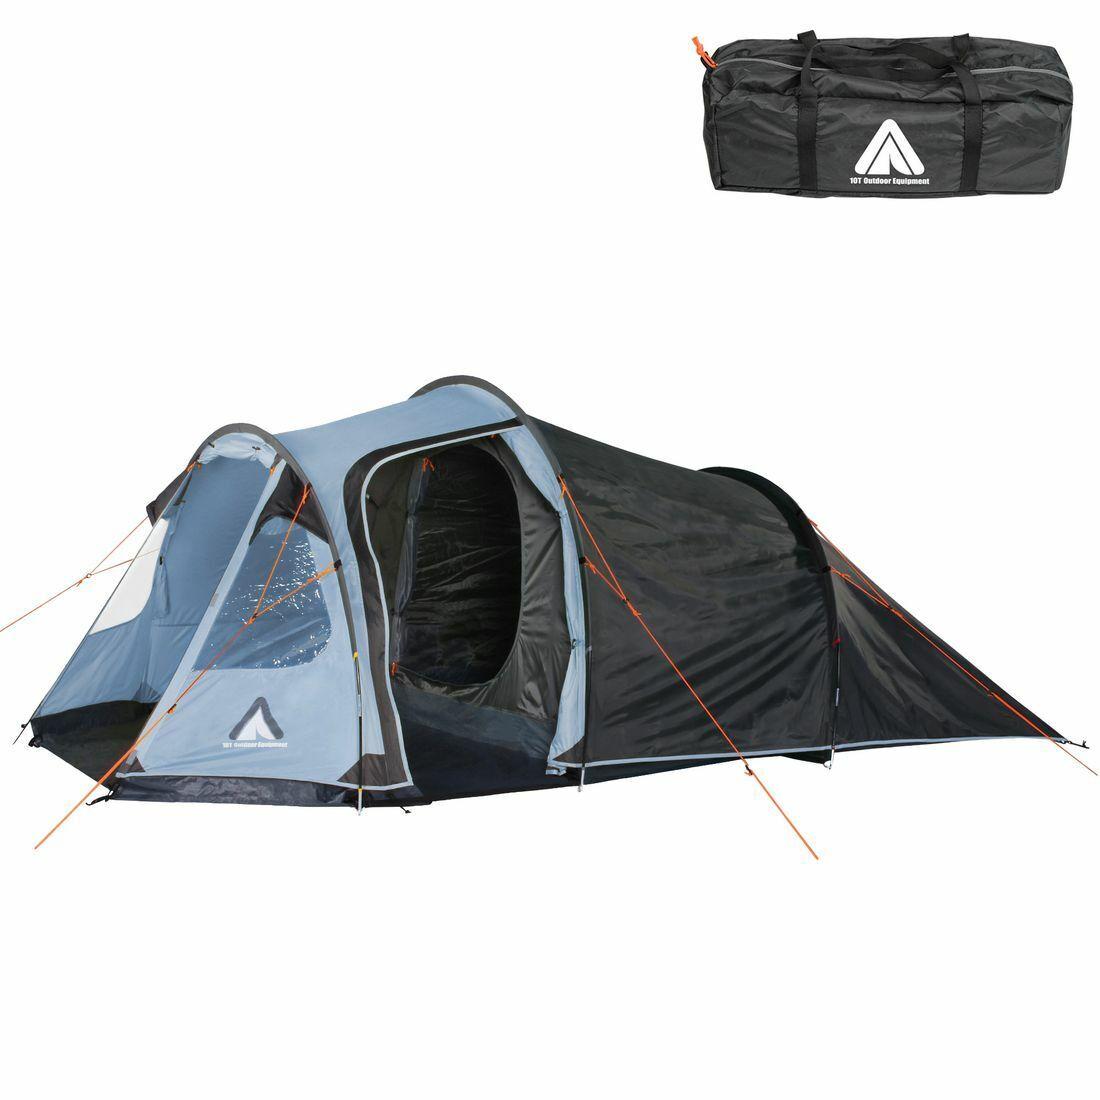 uomodiga Arona 4 persone tunnel tenda da campeggio impermeabile 5000mm